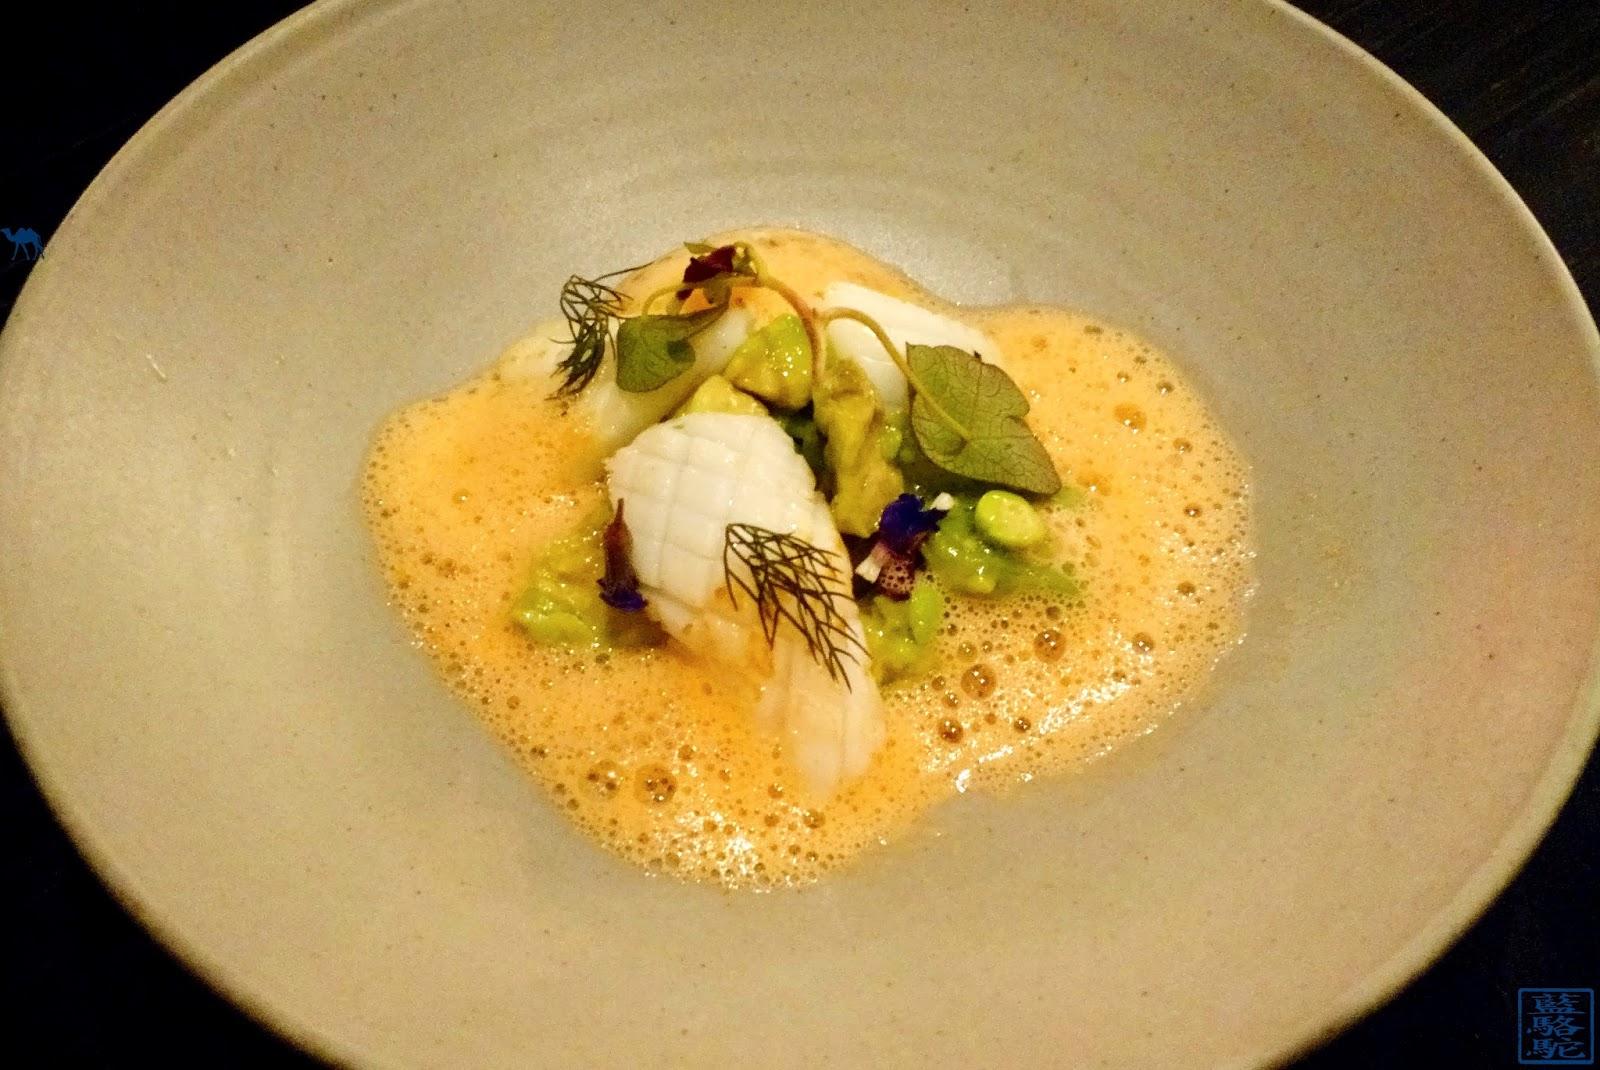 Le Chameau Bleu - Blog Gastronomie et Voyage - Adresse Food sur Paris du Blog Le Chameau Bleu